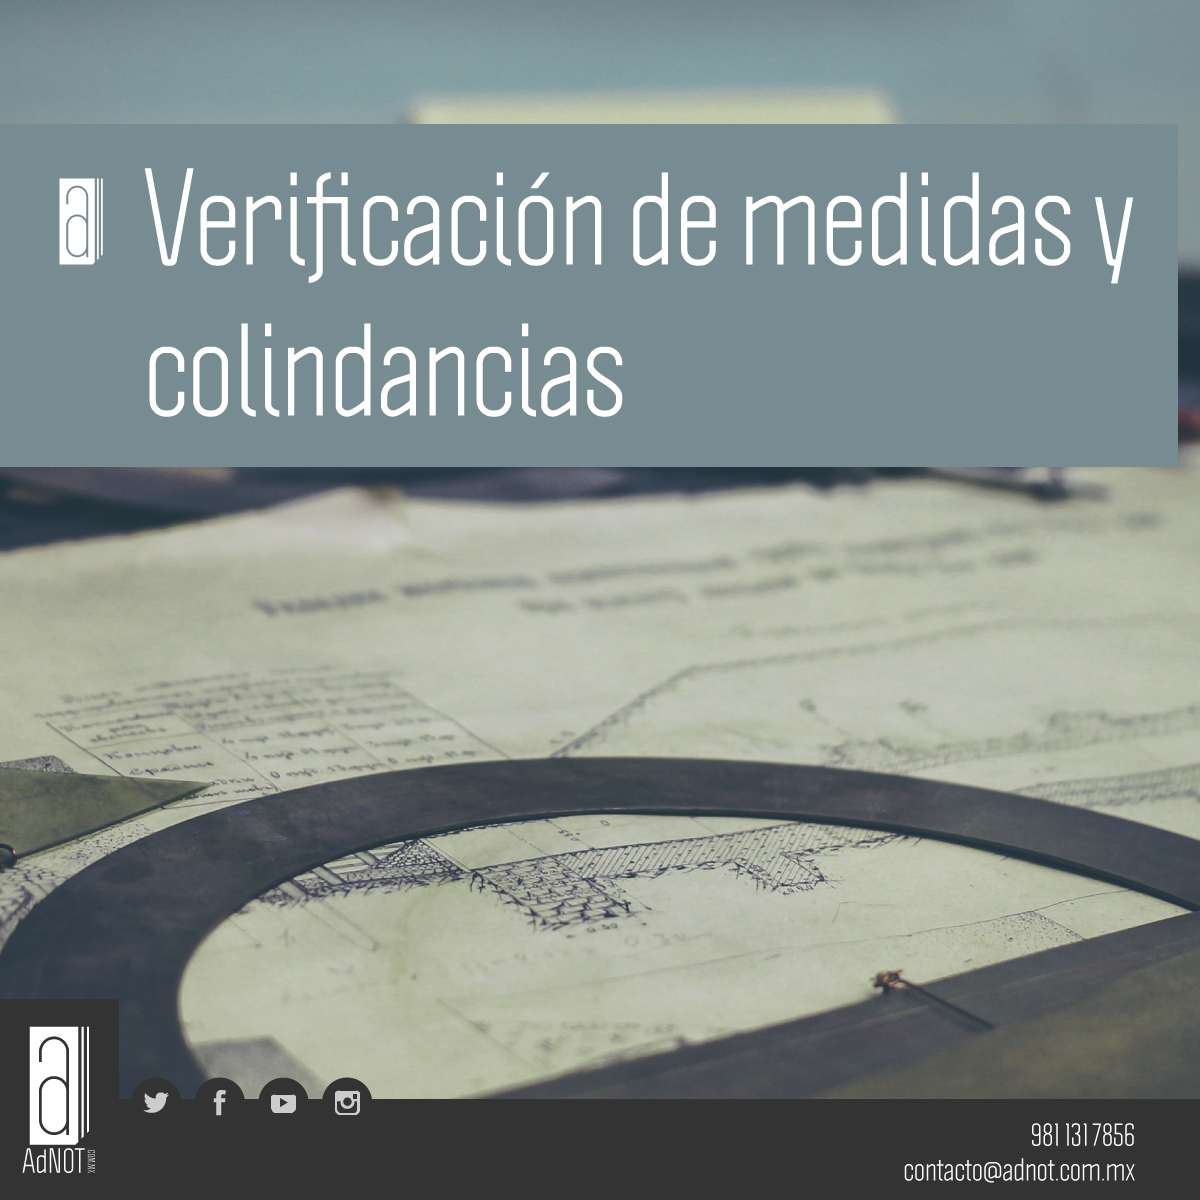 #Trámites: Verificación de medidas y colindancias